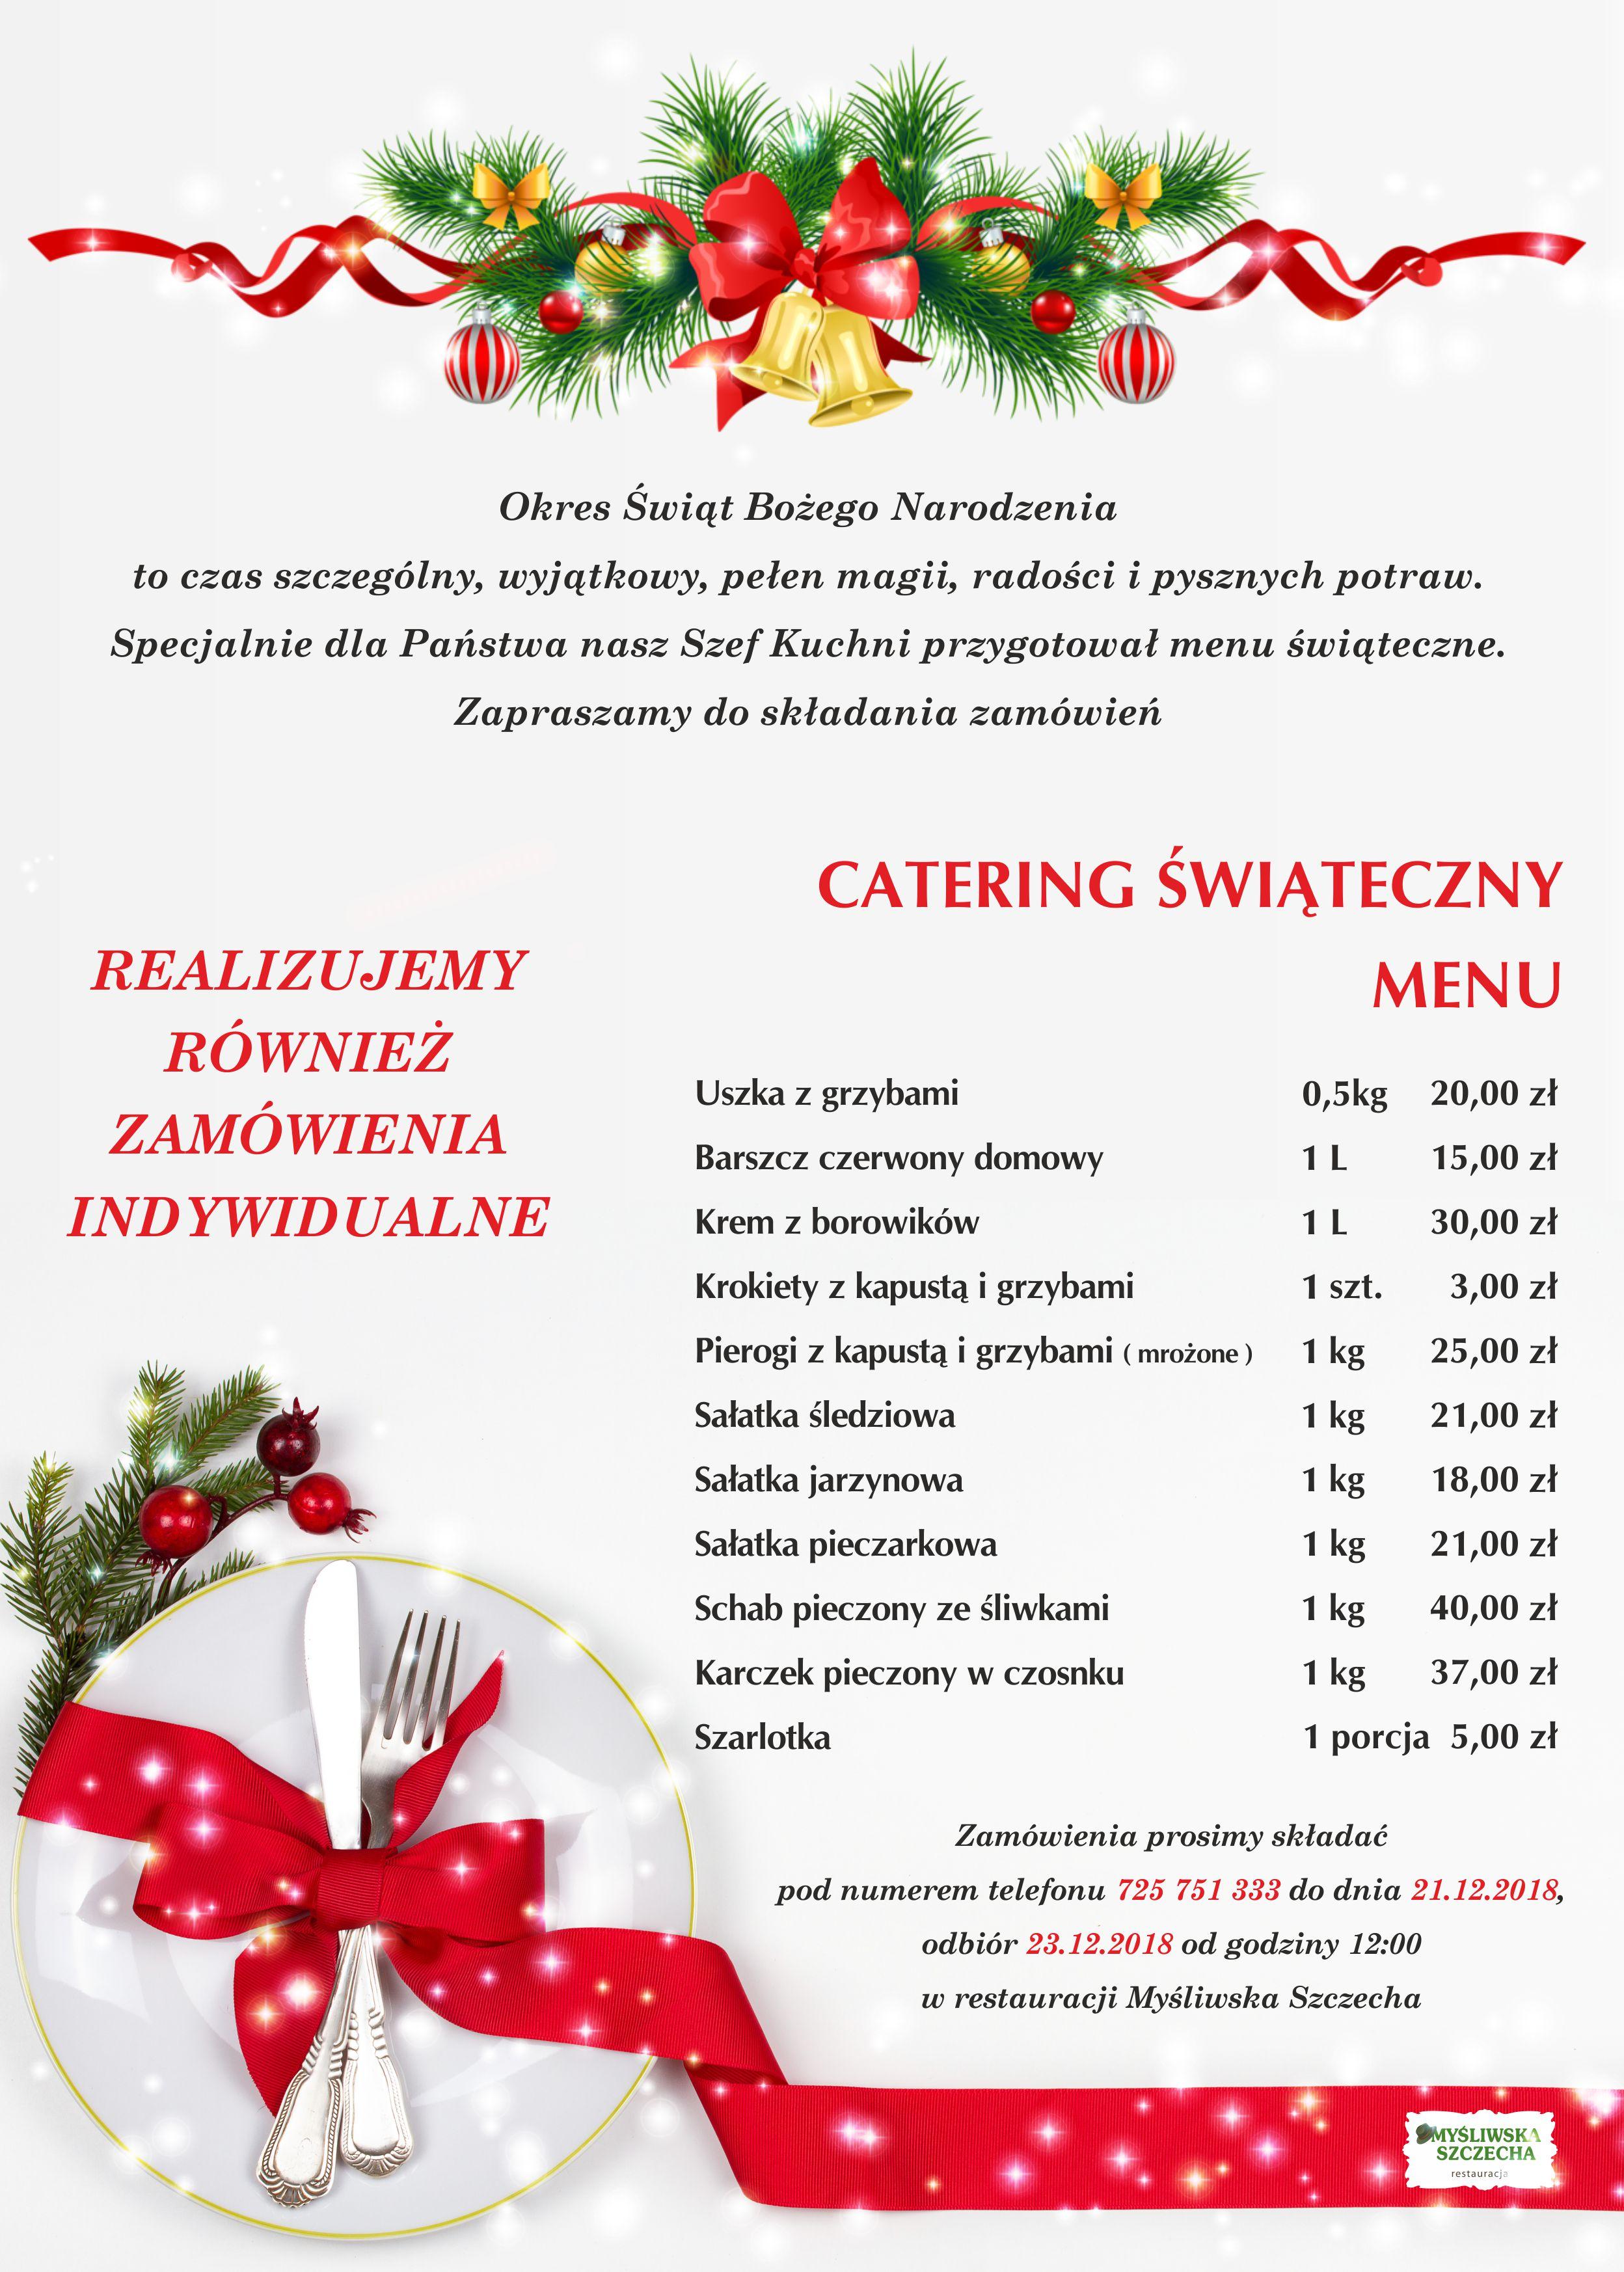 Świąteczny Catering